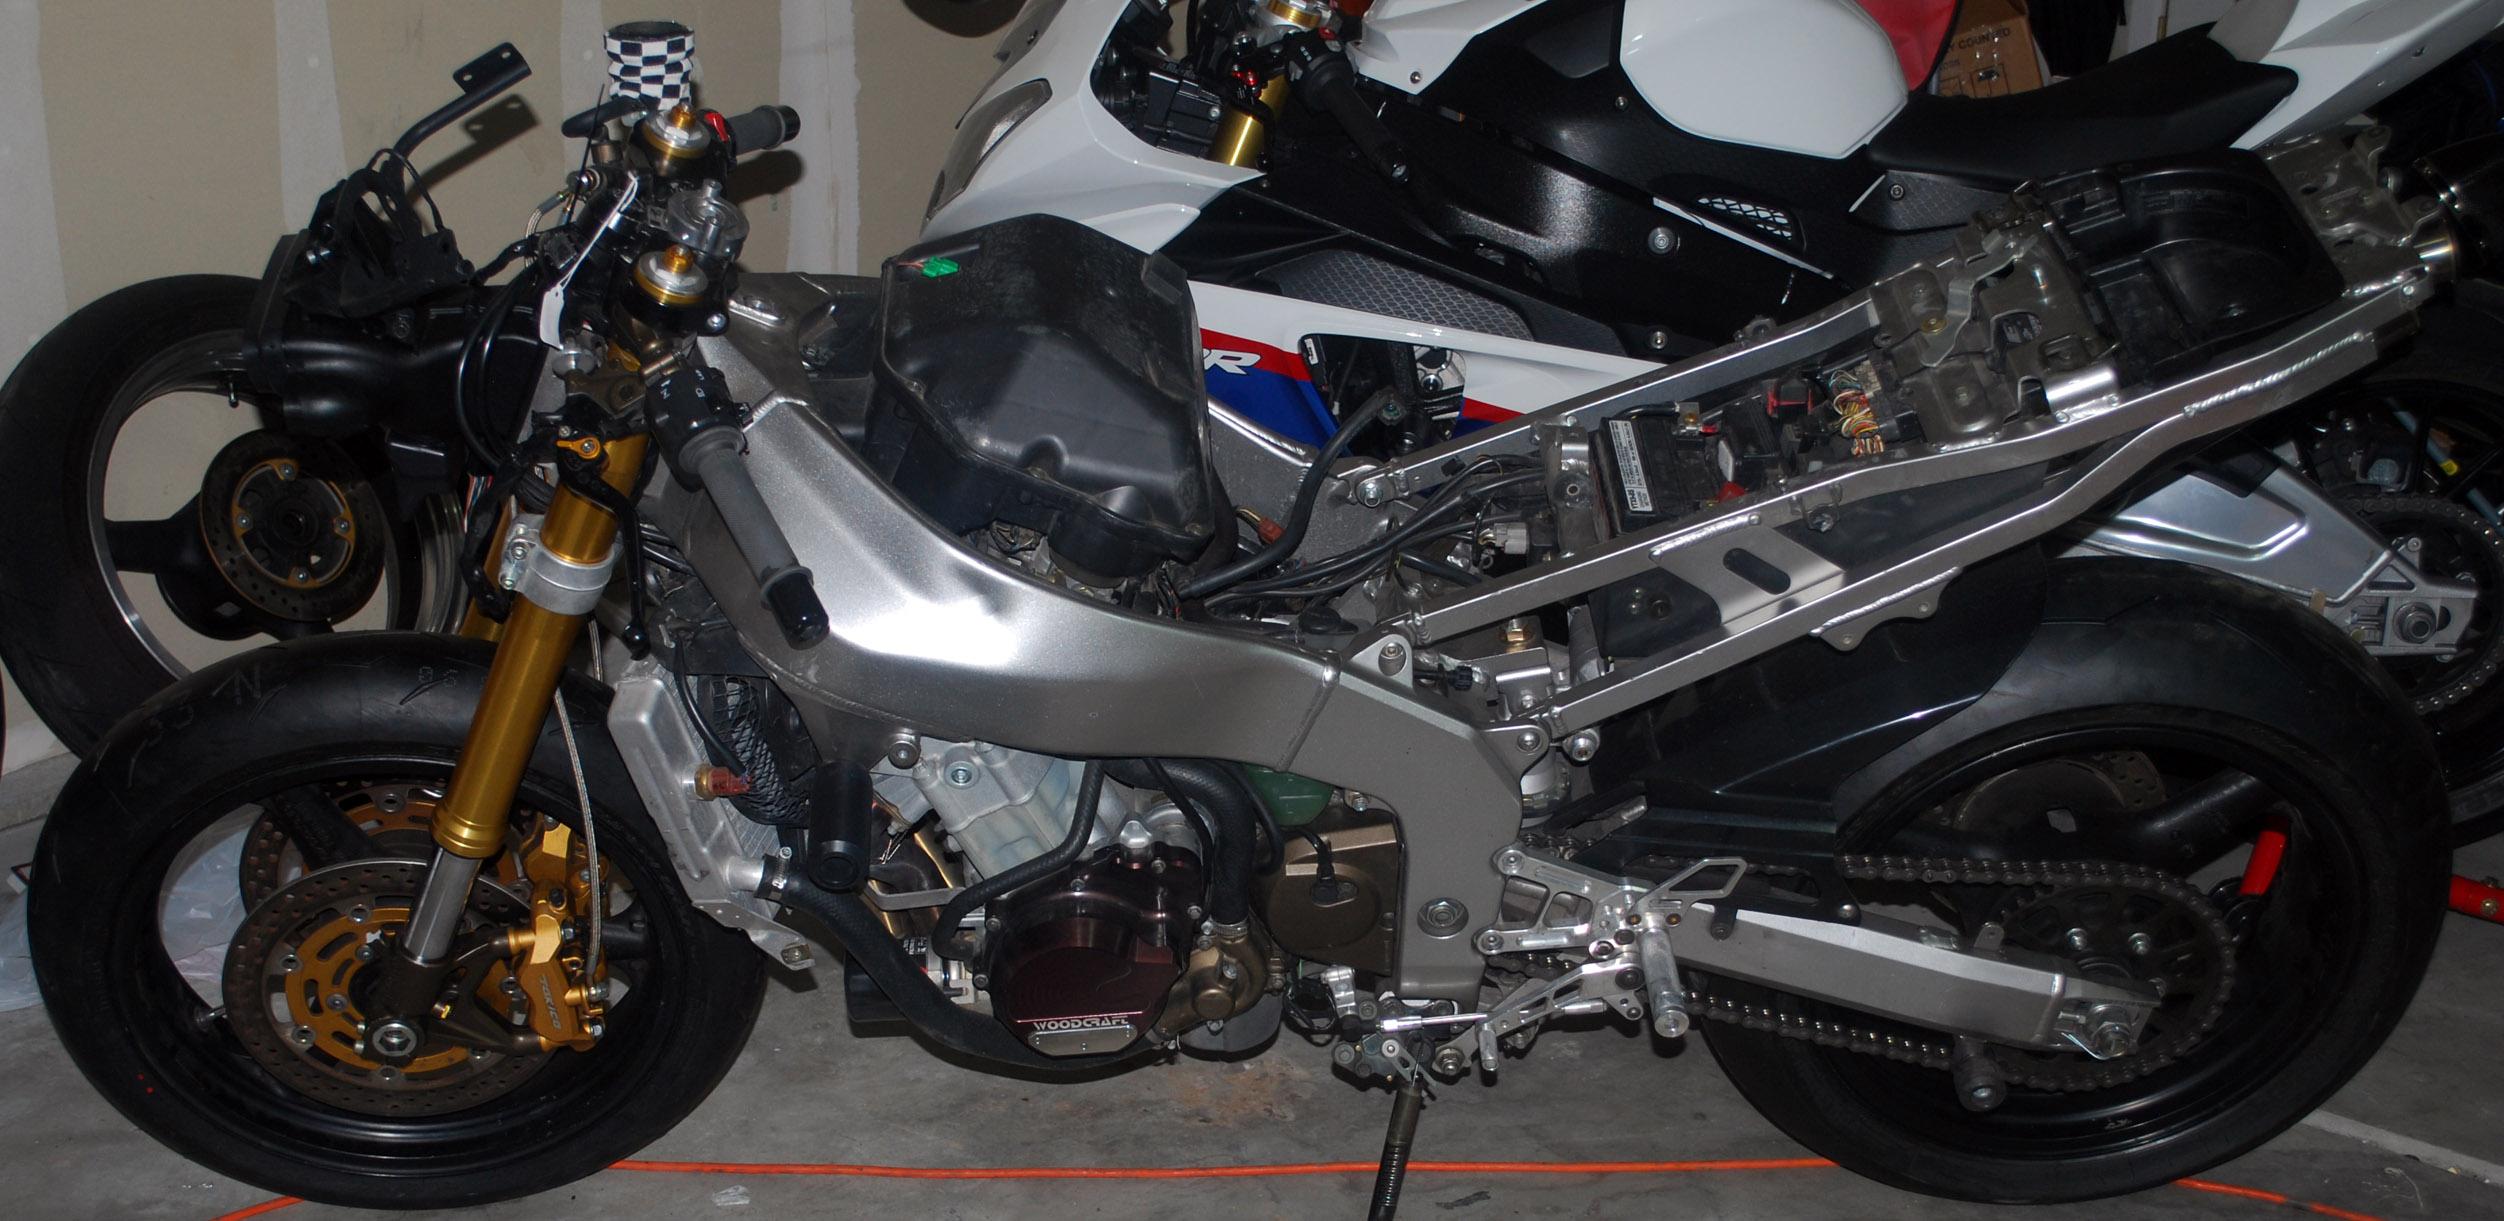 2003 Kawasaki Ninja ZX-6R (636) $3500 - Sportbikes.net